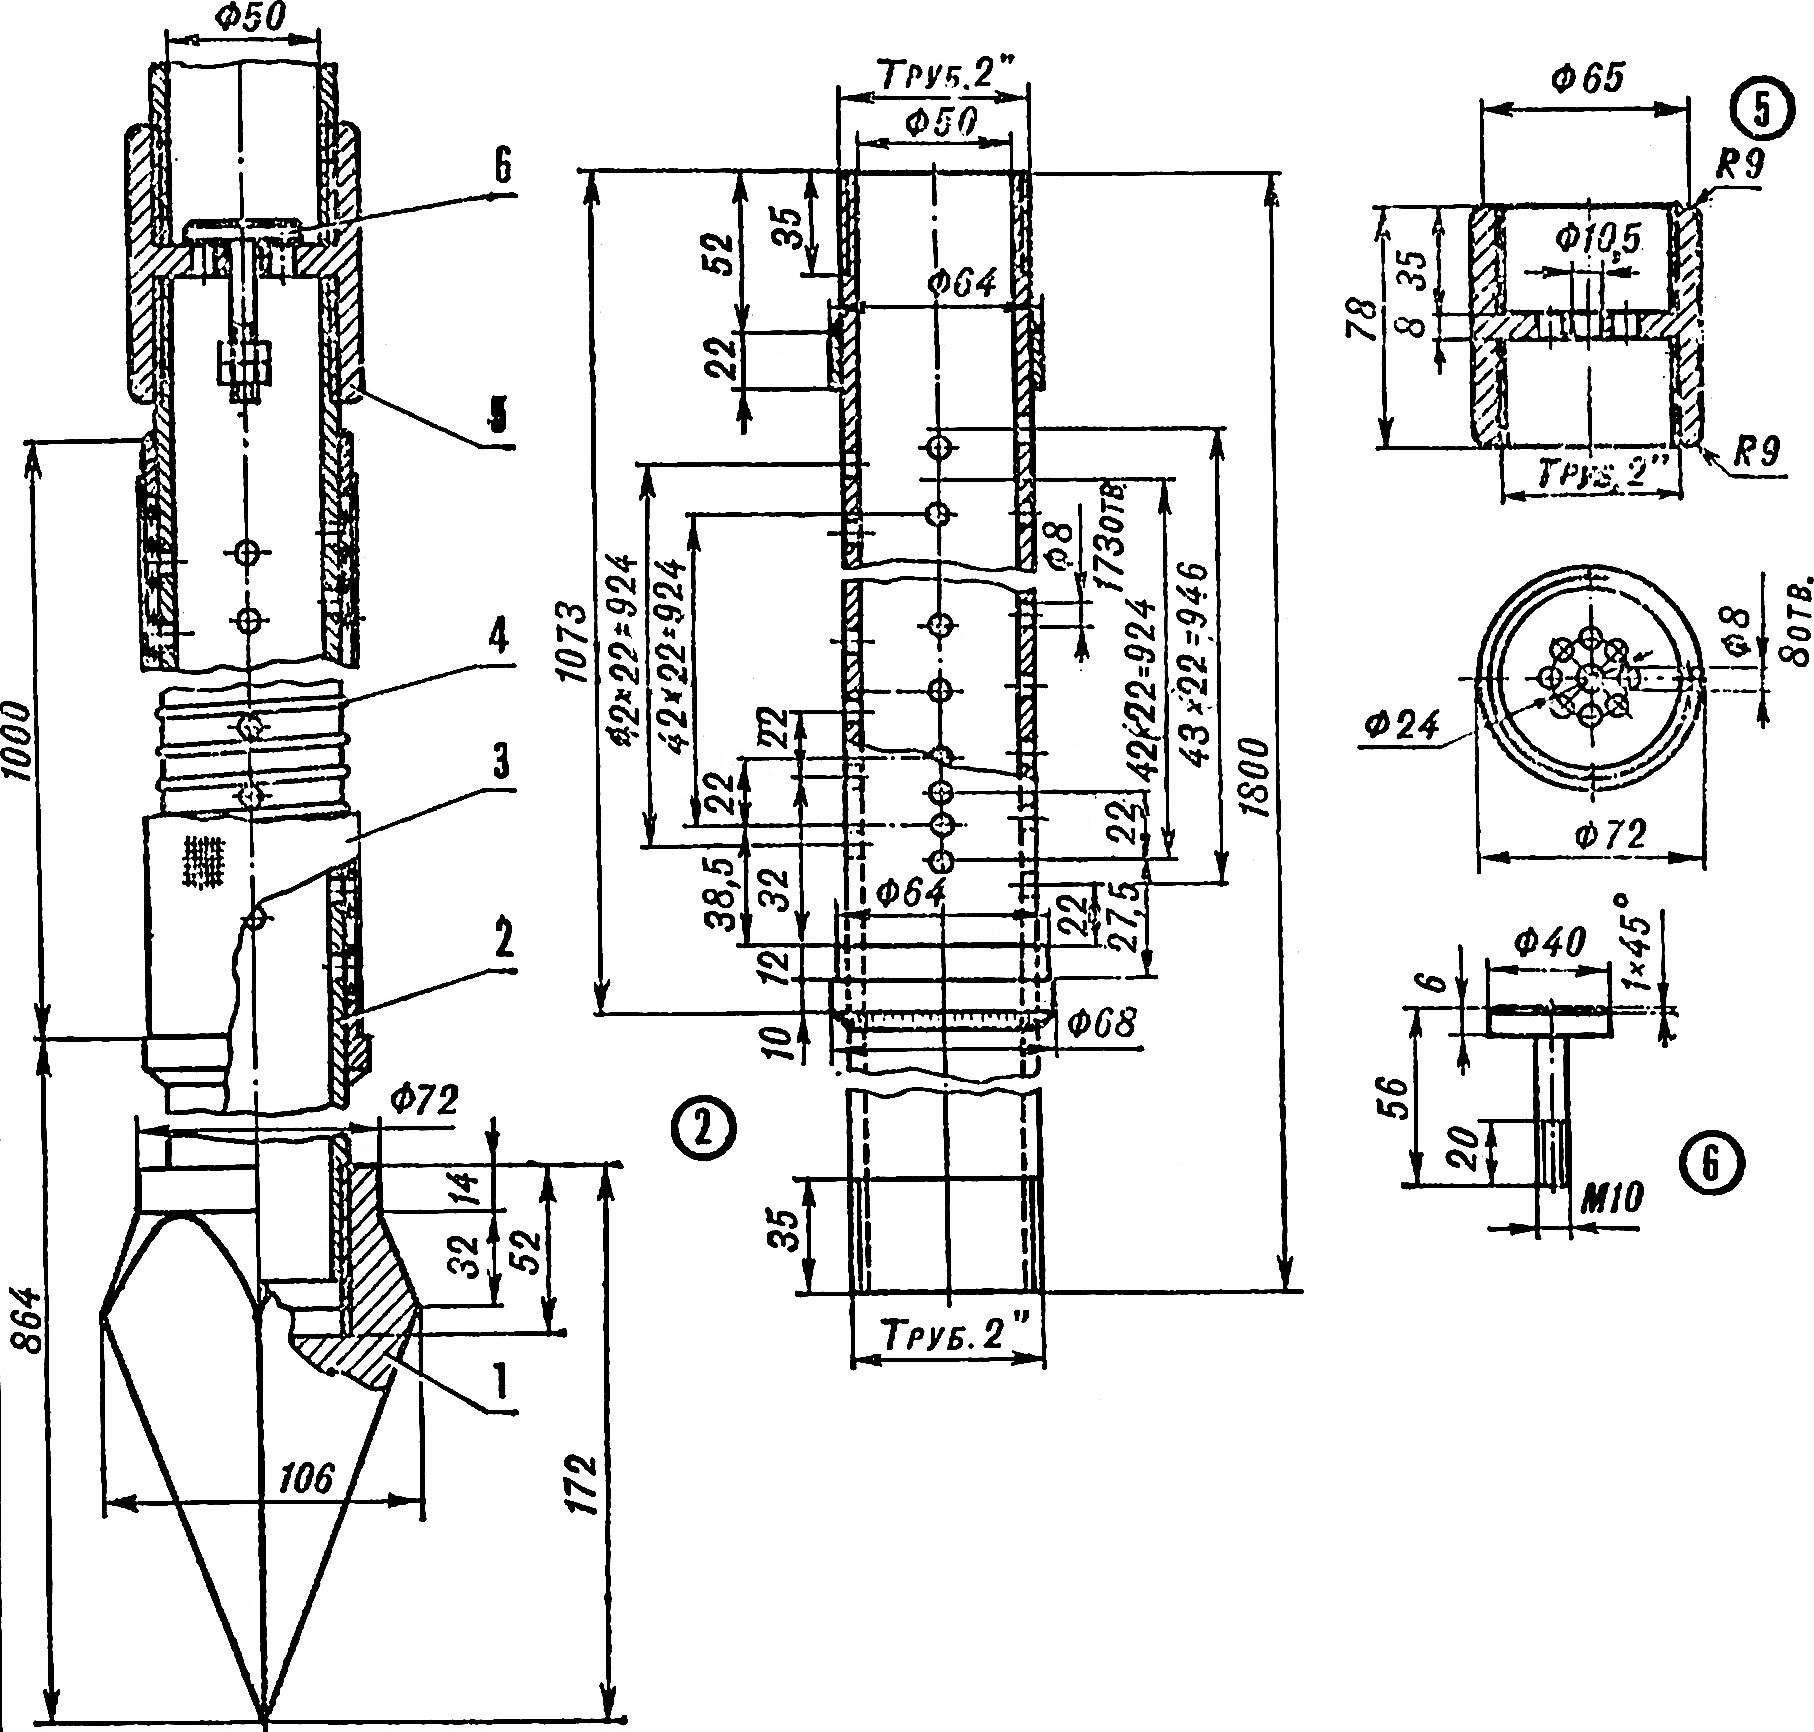 Как сделать фильтр для абиссинского колодца